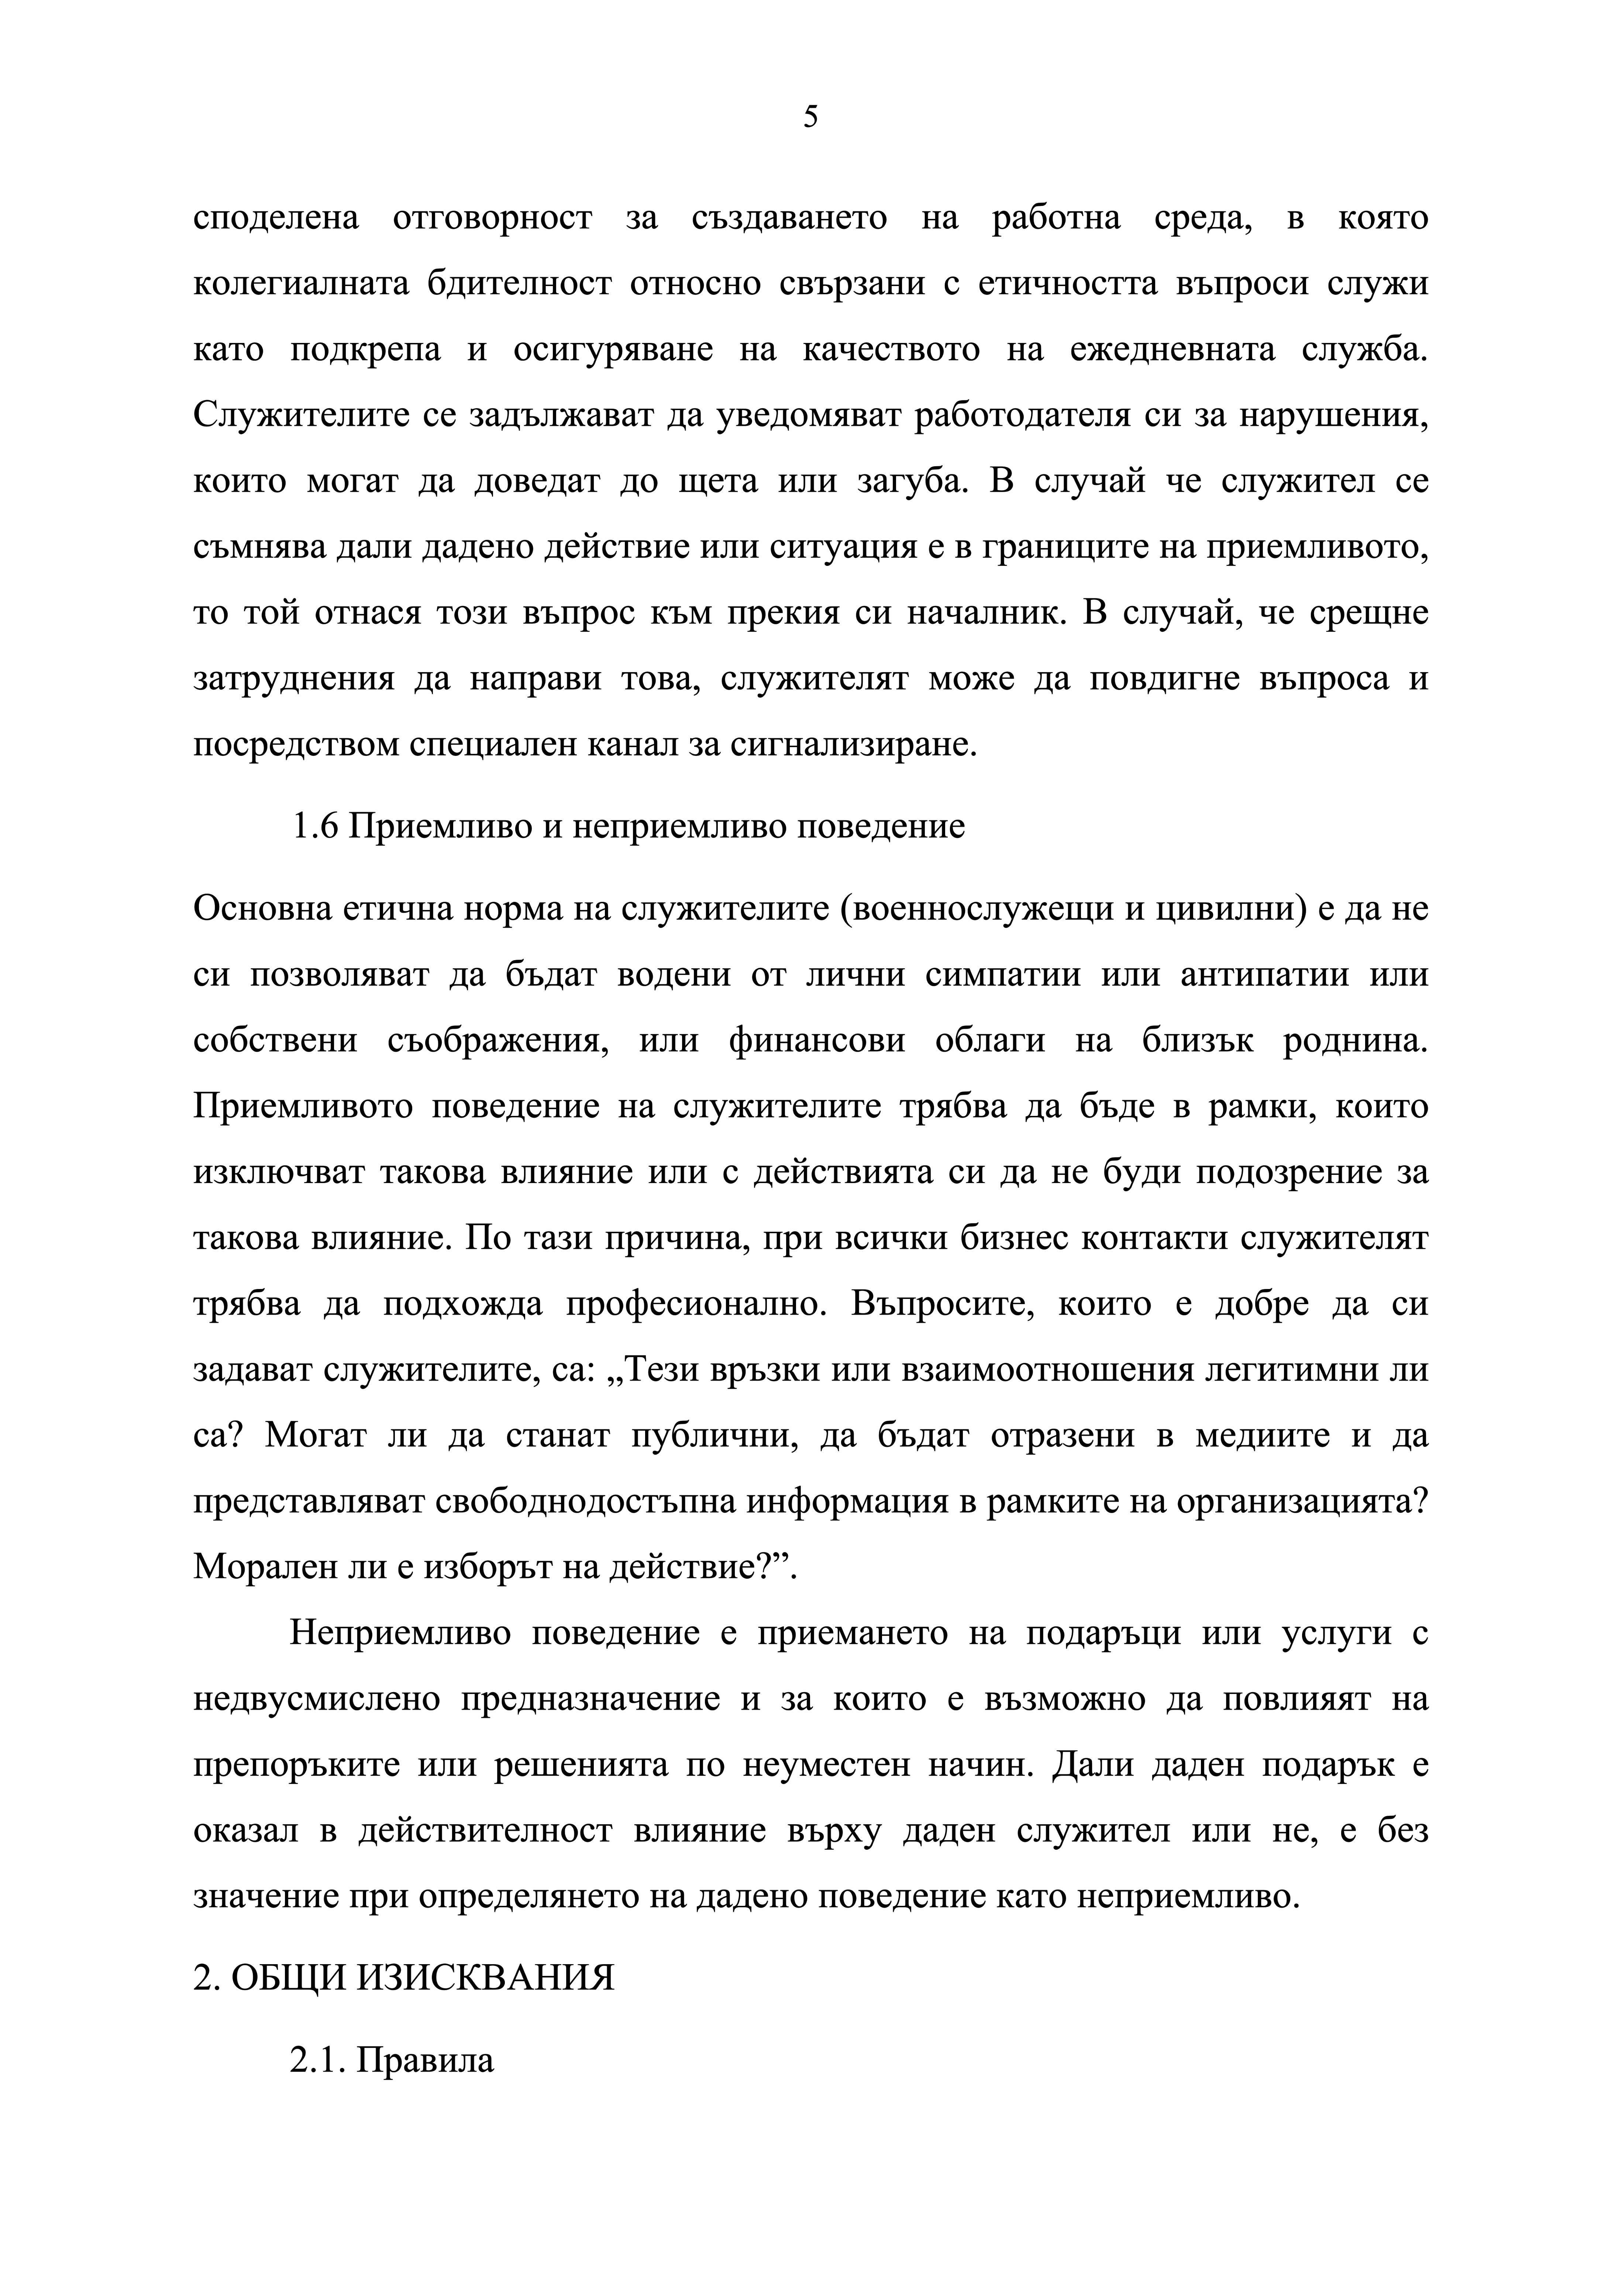 kodeks_etichno_povedenie_005